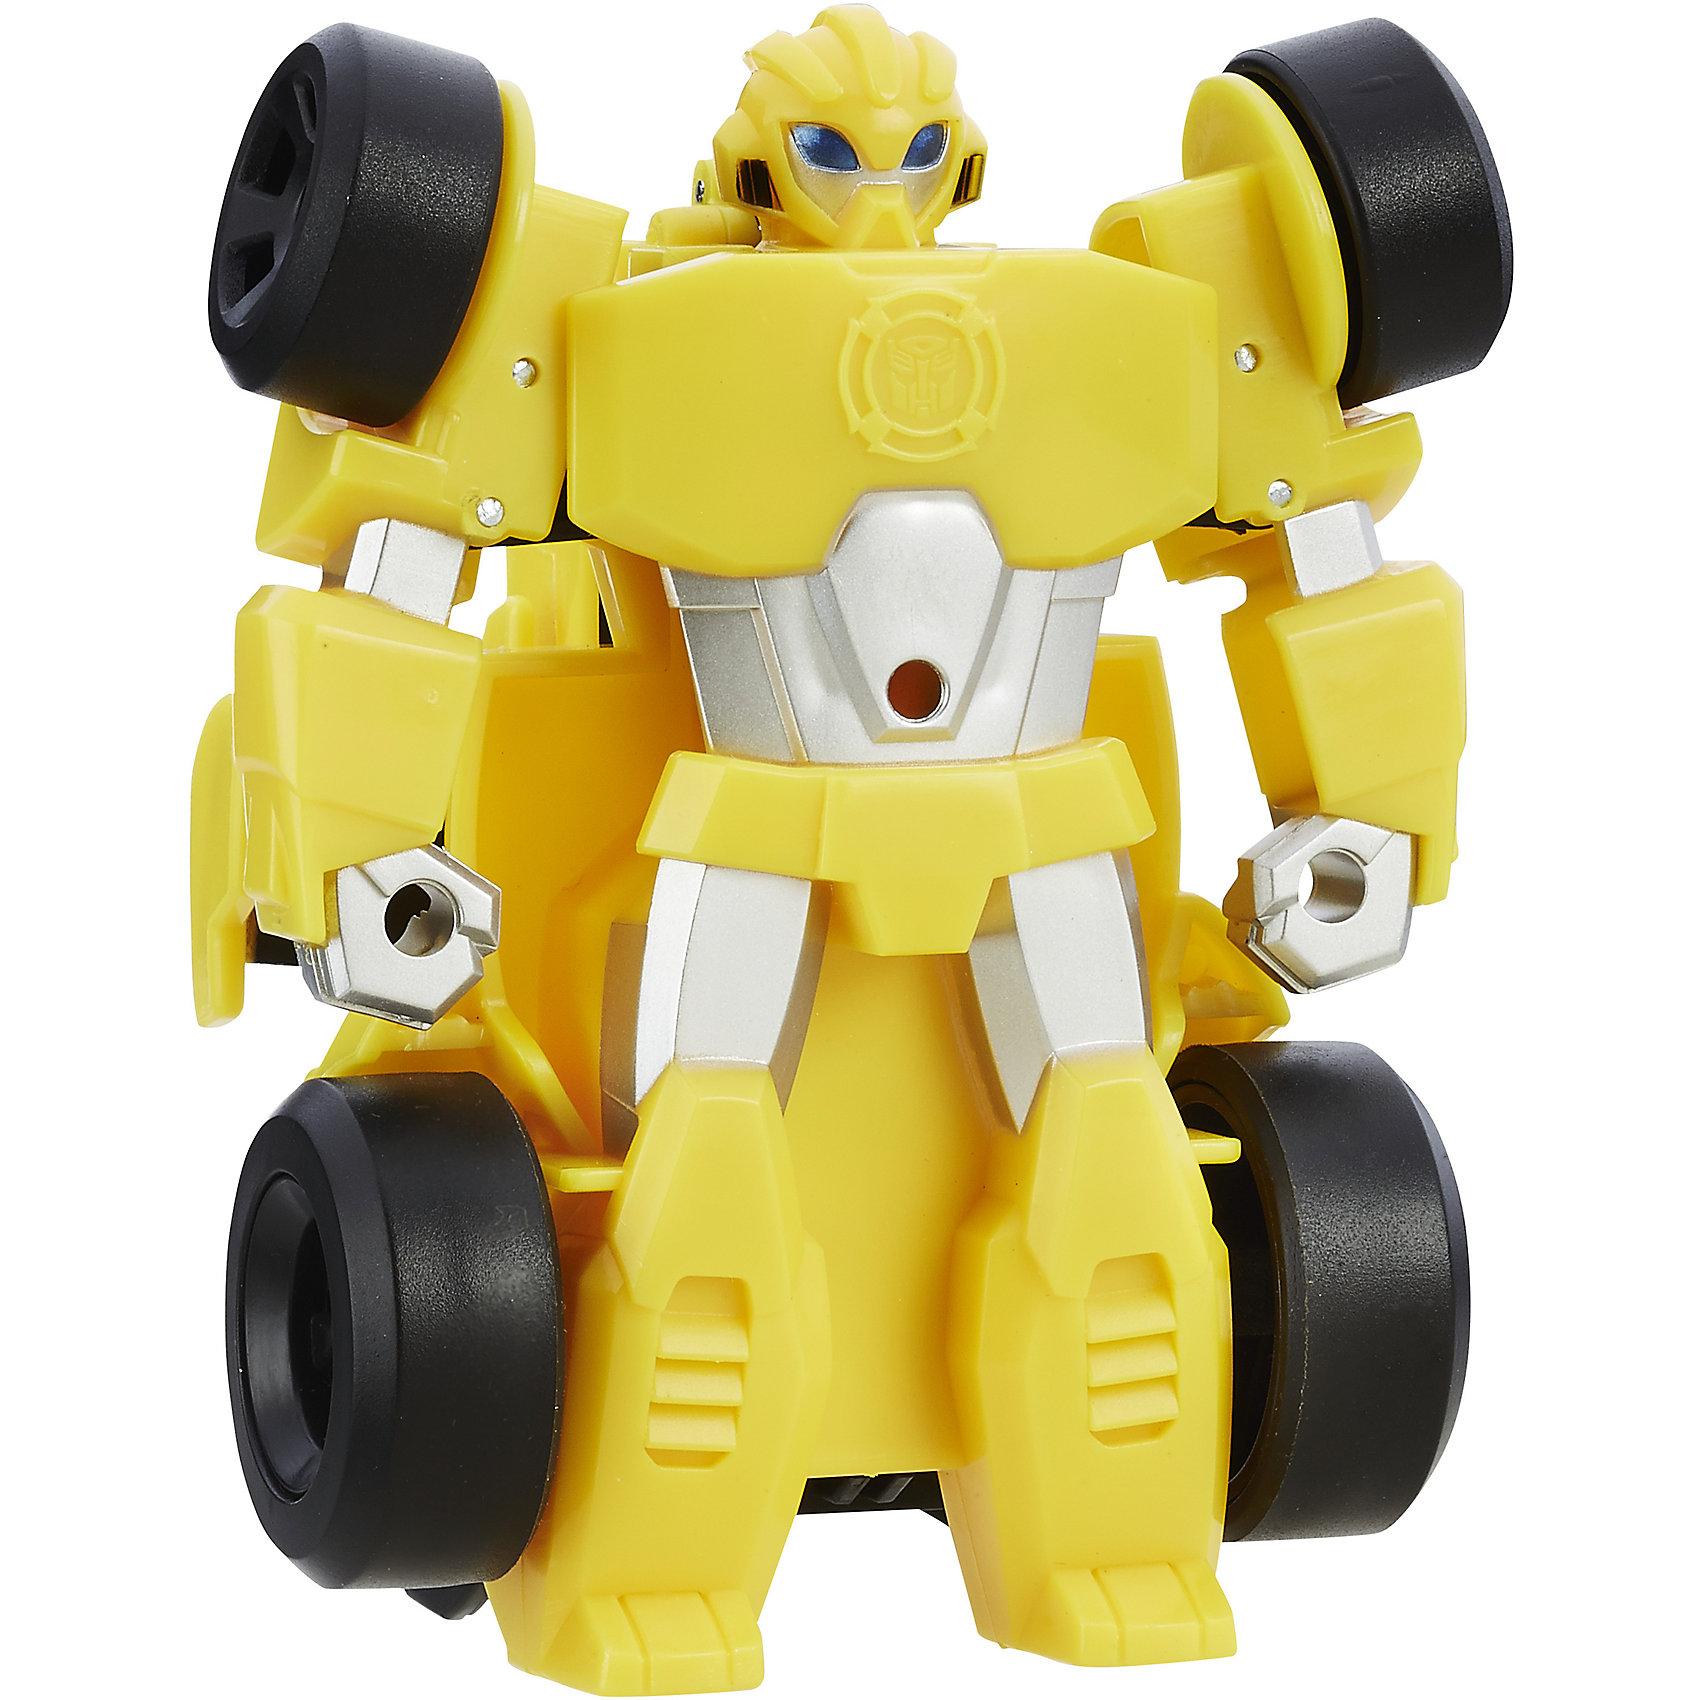 Спасатели: гоночная машинка Бамблби, ТрансформерыИгрушки<br>Спасатели: гоночные машинки, Трансформеры.<br><br>Характеристики:<br><br>• Машинка трансформер.<br>• Цвет: желтый.<br>• Материал: пластик.<br>• Размер: 15см.<br>• Размер упаковки: 20х25х8см.<br><br>Спасатели помогут вам в любой беде! Несколько движений рук и робот превратится в супер-быстрый спортивный автомобиль Формулы -1. А когда это необходимо, снова превратиться в робота! Такая игрушка развивает воображение вашего ребенка, а также развивает мелкую моторику детских ручек.<br><br>Спасателей: гоночные машинки, Трансформеры, можно купить в нашем интернет – магазине.<br><br>Ширина мм: 185<br>Глубина мм: 185<br>Высота мм: 210<br>Вес г: 320<br>Возраст от месяцев: 36<br>Возраст до месяцев: 192<br>Пол: Мужской<br>Возраст: Детский<br>SKU: 5177801